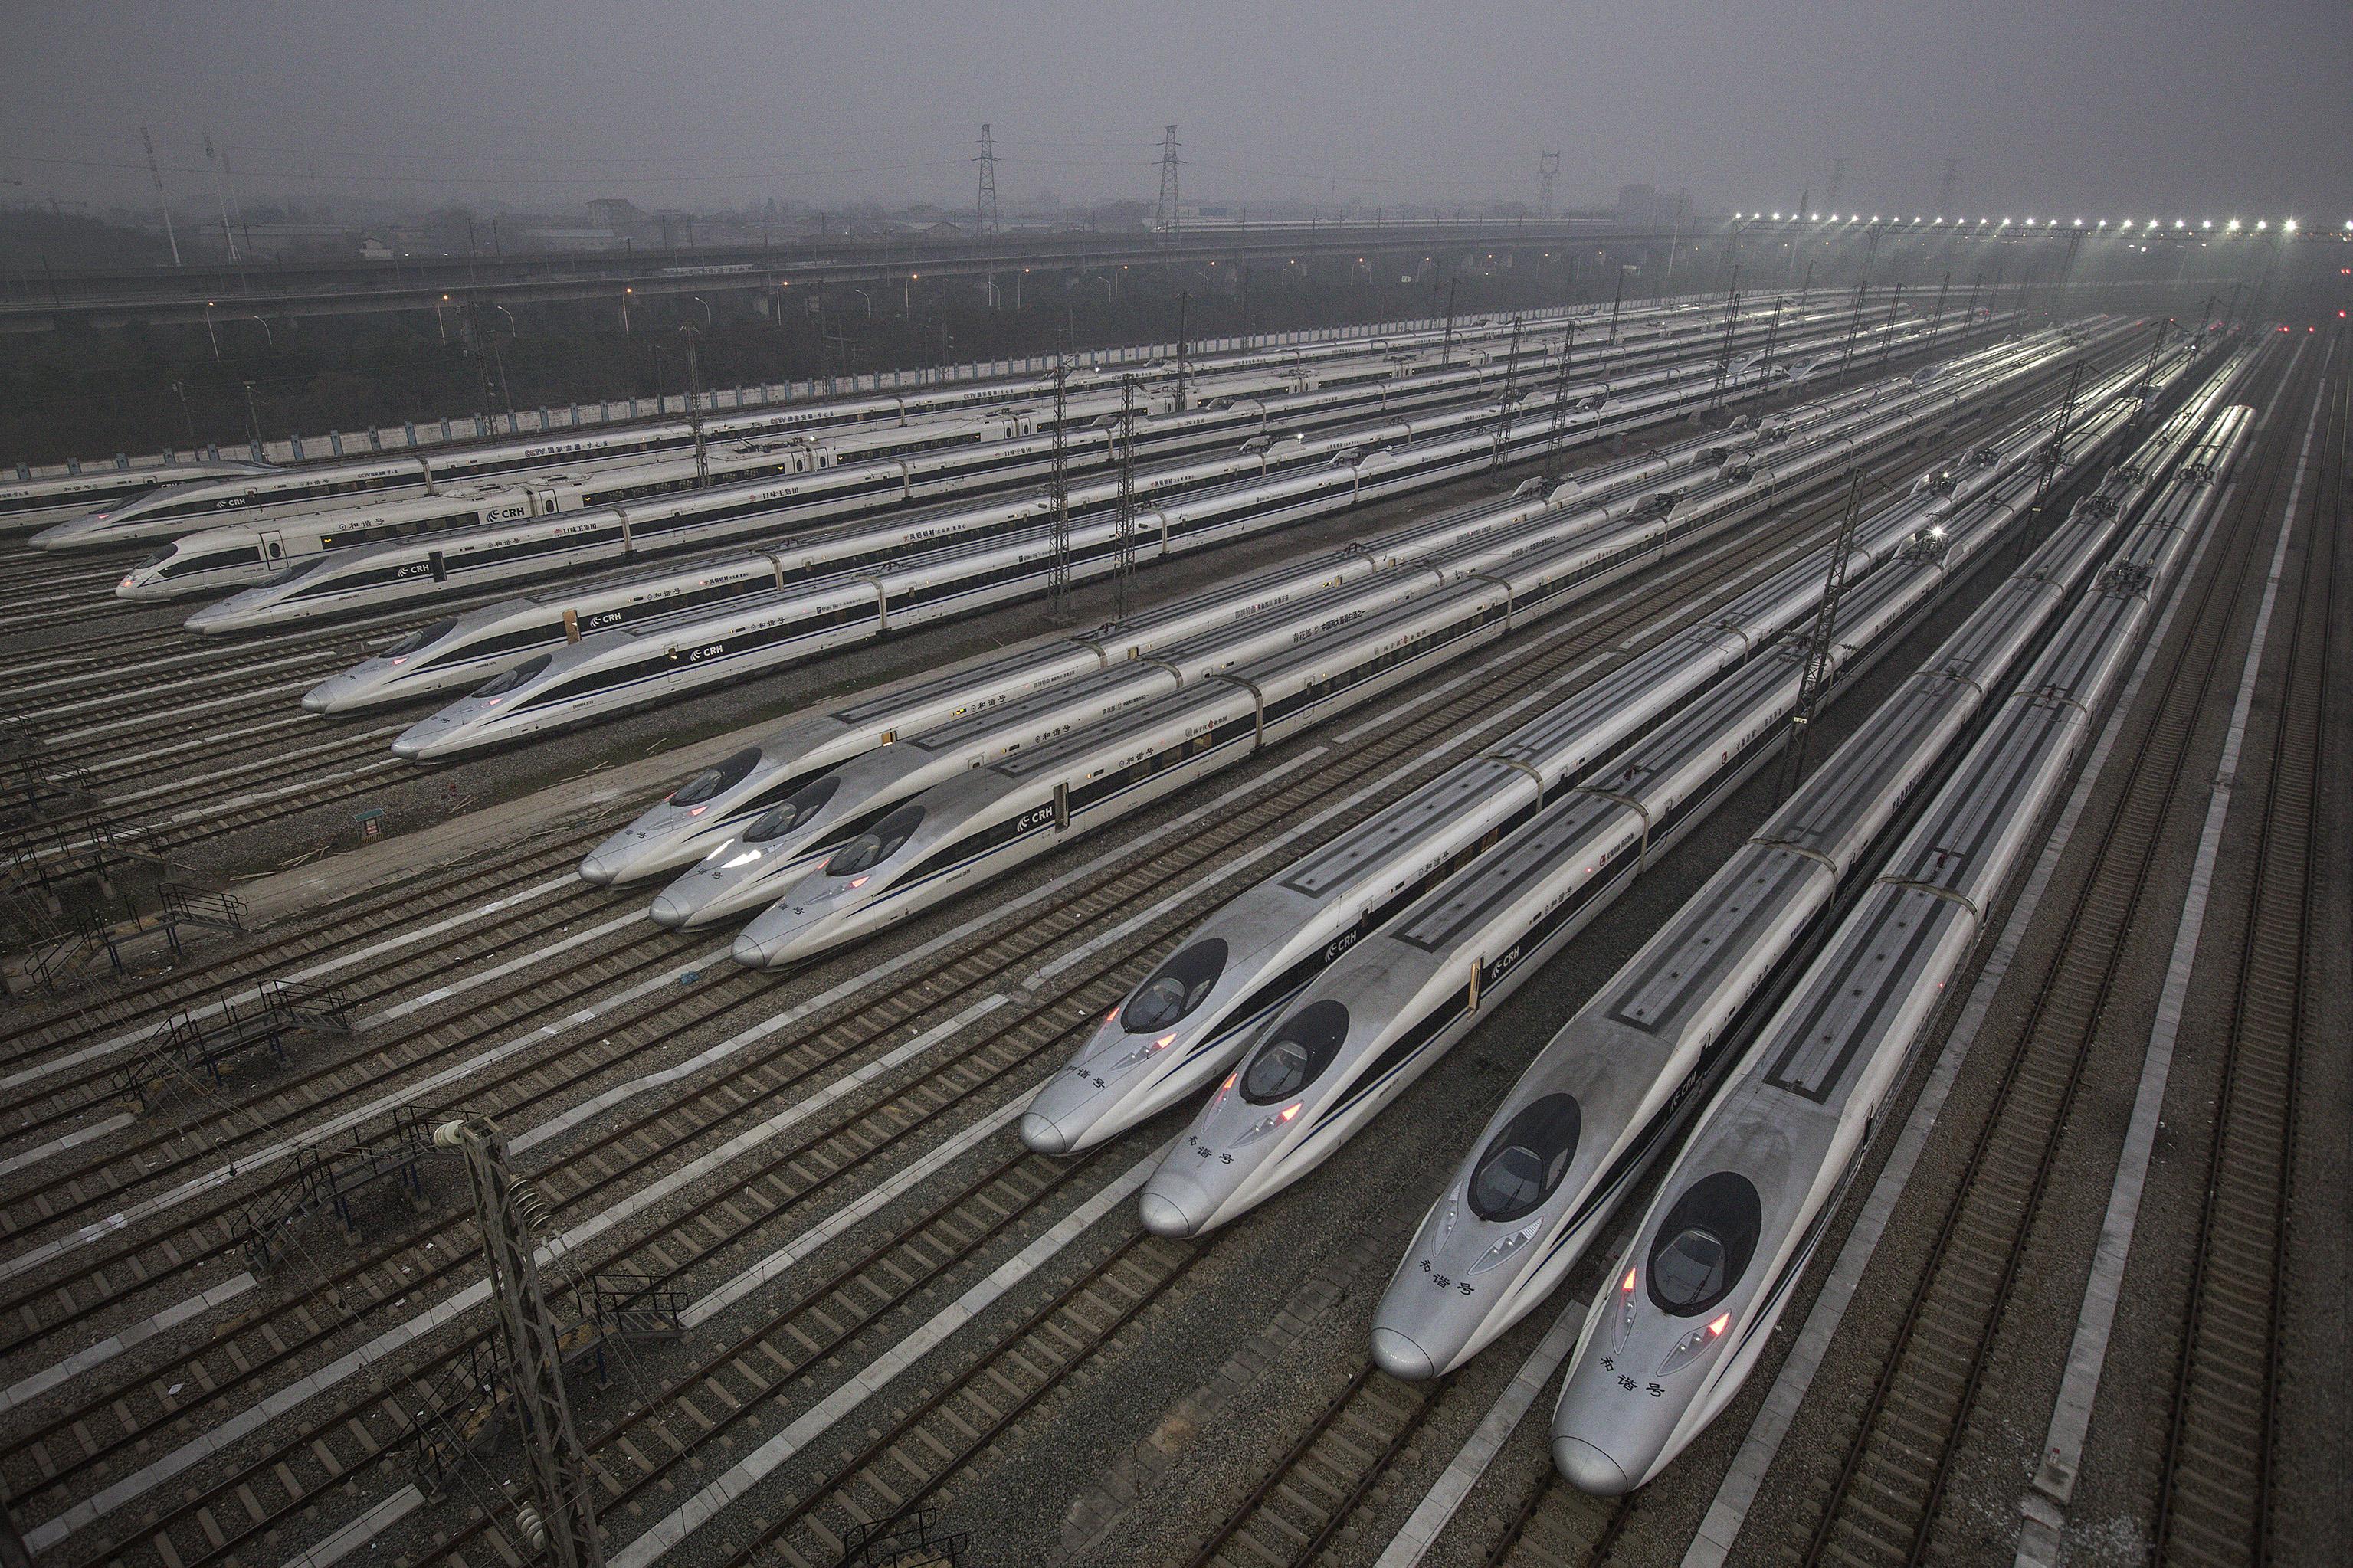 高鐵再來大躍進 國鐵債務勢翻倍破十萬億